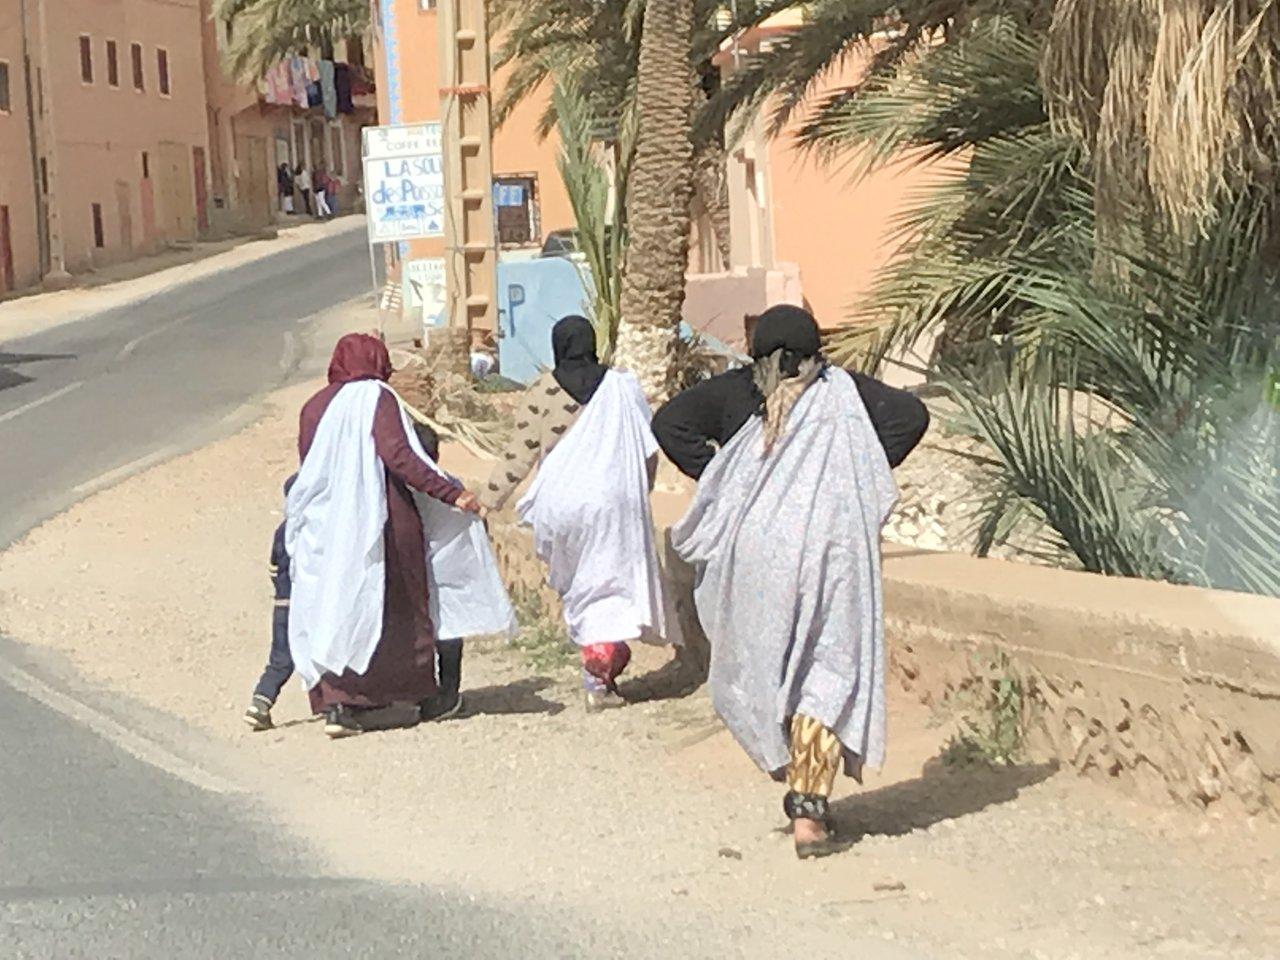 Berber women | Photo taken by Chris M